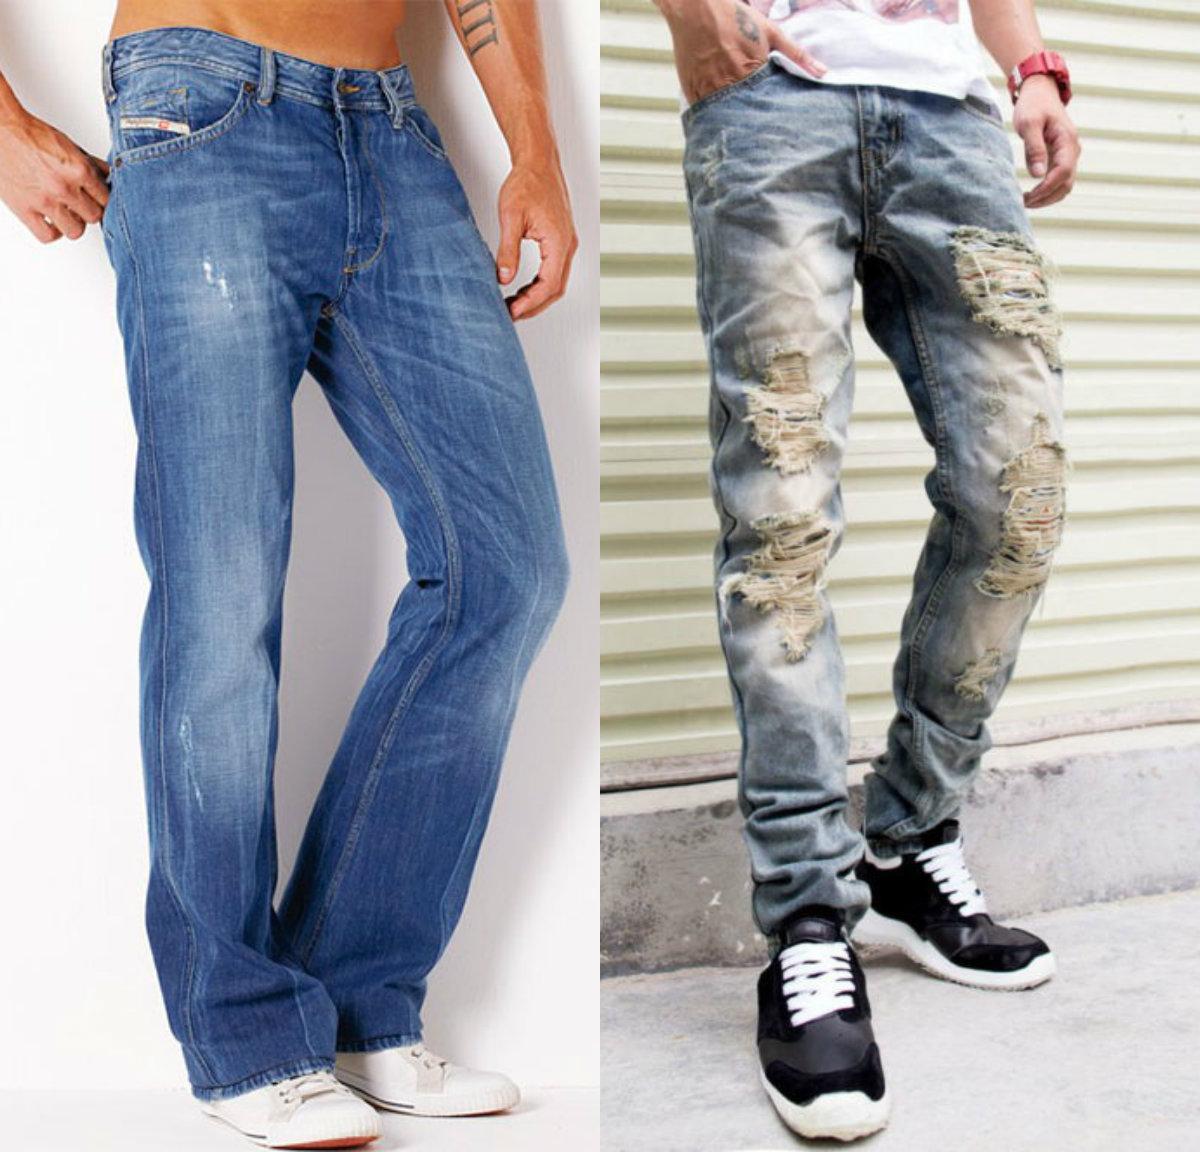 Мужские джинсы 2019: варианты для молодых мужчин